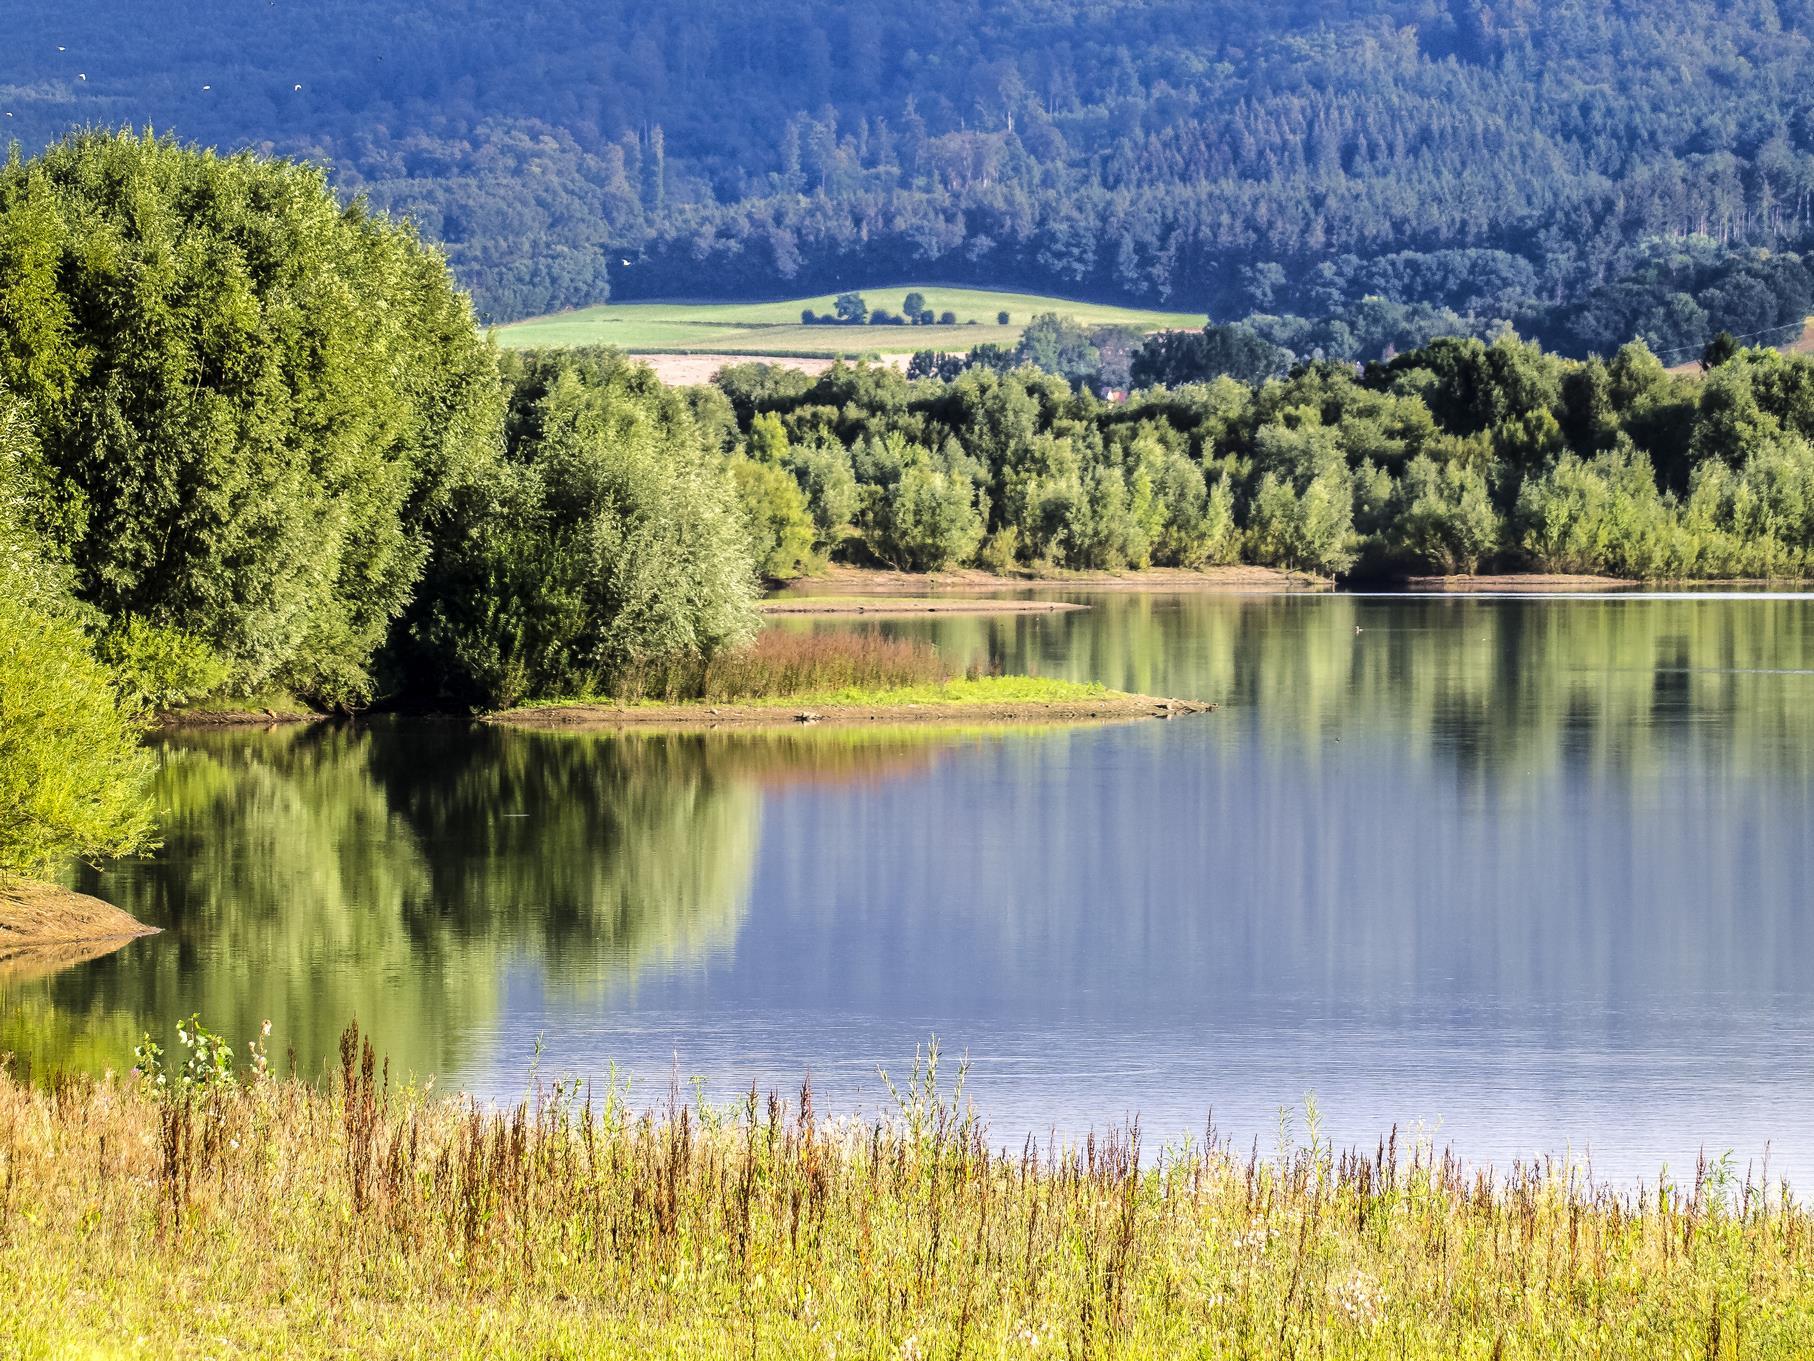 Ruhig präsentiert sich der mittlere Teich an einem Augustmorgen.